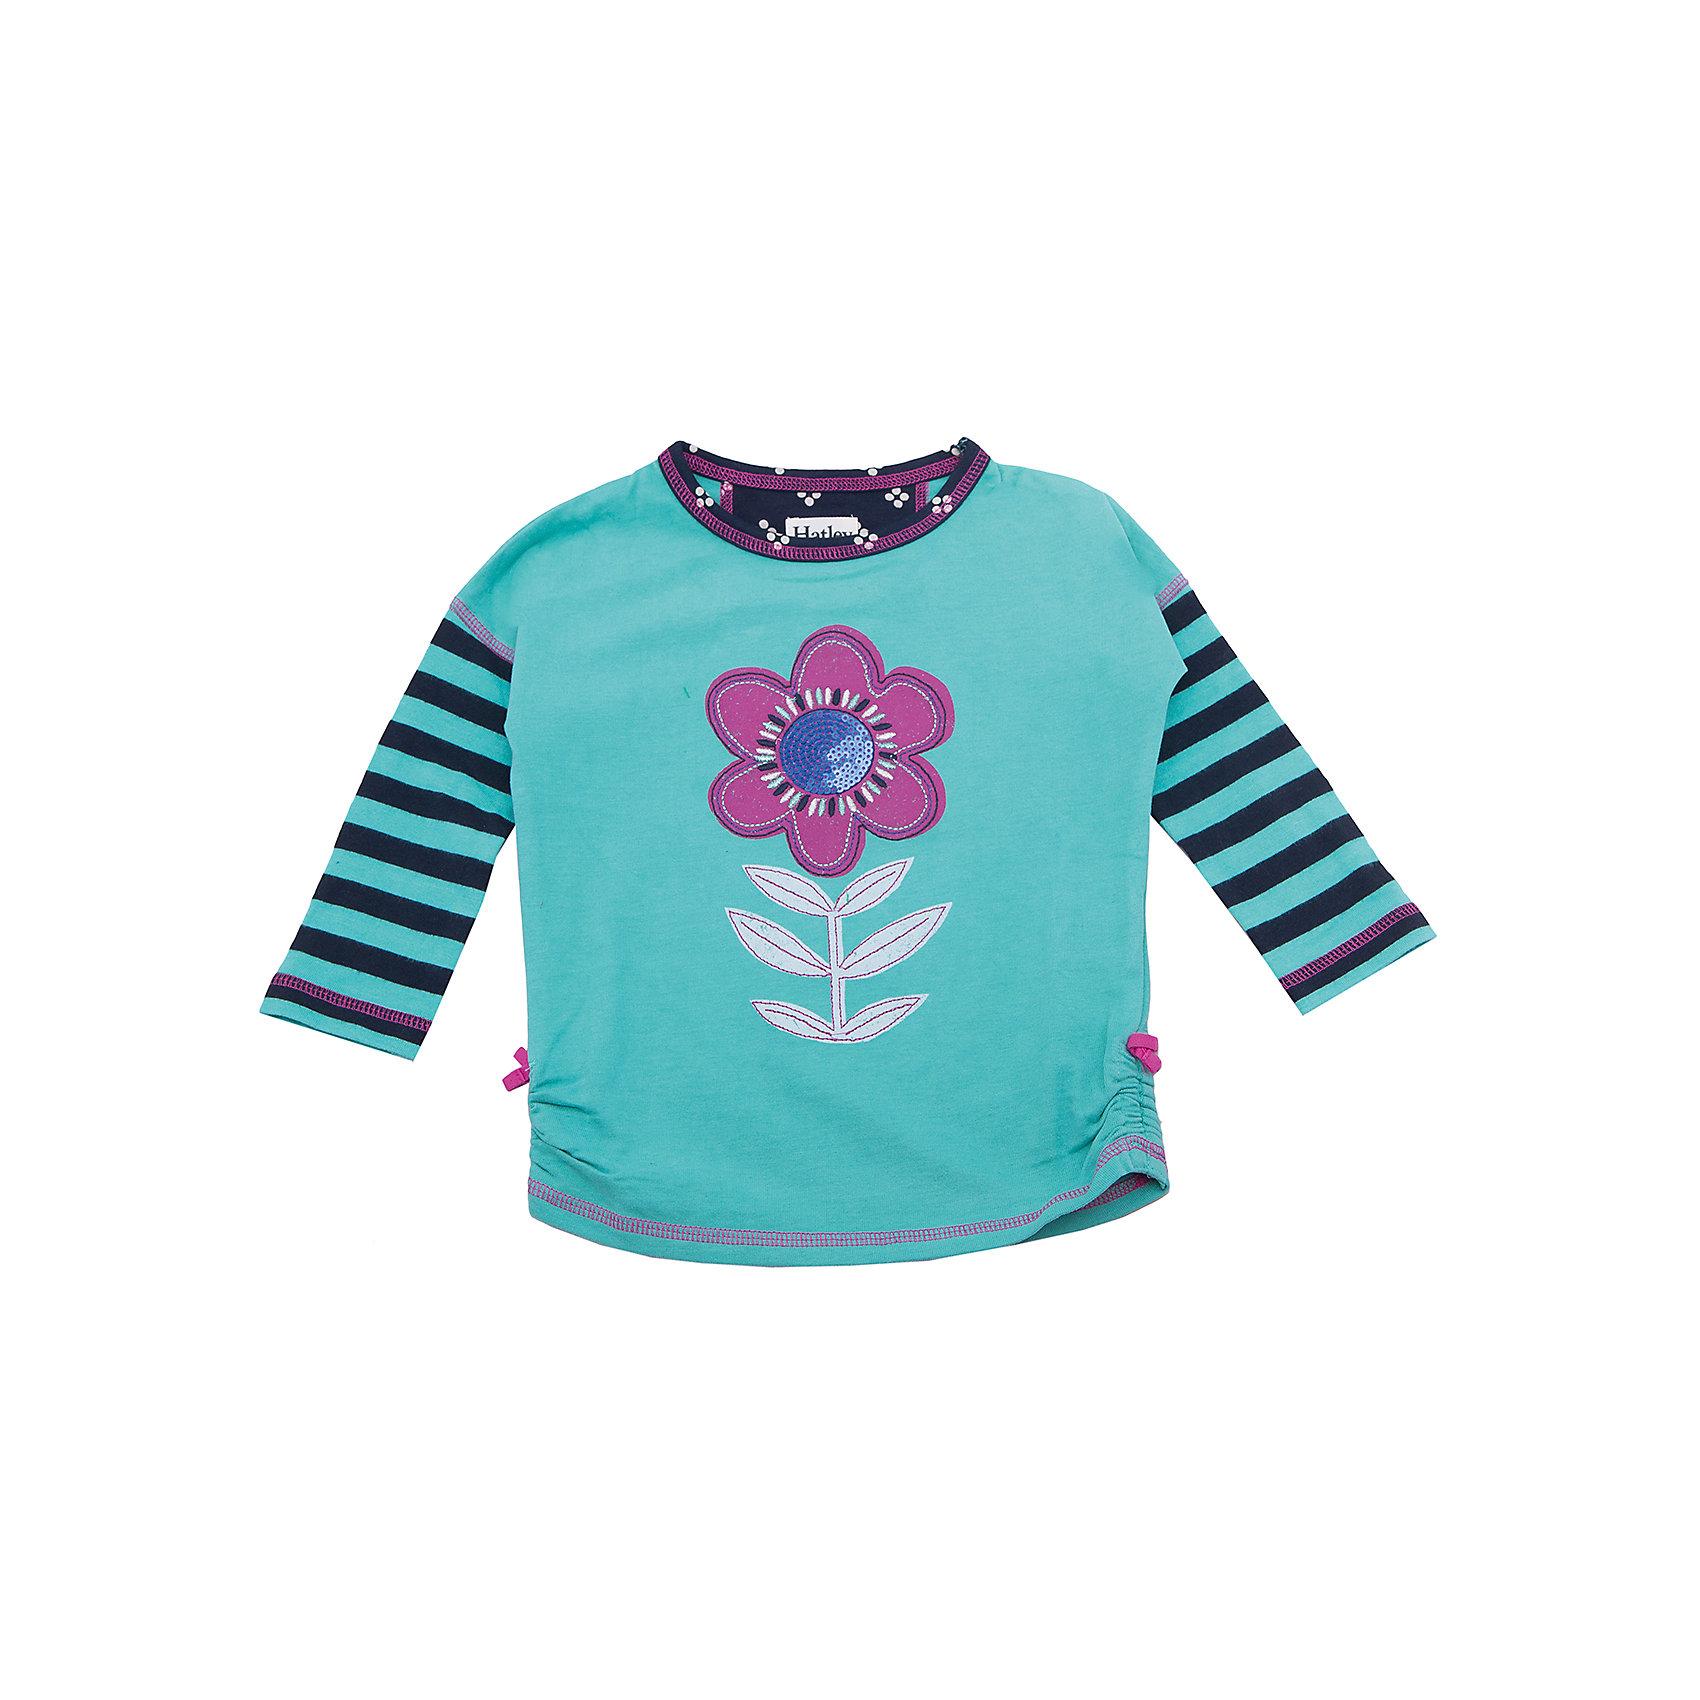 Футболка с длинным рукавом для девочки HatleyФутболки с длинным рукавом<br>Футболка с длинным рукавом для девочки Hatley<br><br>Характеристики:<br><br>• Состав: 100% хлопок<br>• Цвет: ментоловый<br><br>Красивая и модная футболка с длинными рукавами идеально подойдет для летней прохладной погоды или для носки в помещении. Благодаря тому, что ткань натуральная и не вызывает аллергии, ребенок сможет бегать и прыгать, не боясь, что вспотеет и на коже будут раздражения. Яркий и забавный принт-аппликация делает футболку еще и очень привлекательной. Рукава словно вставлены в кофту или под футболкой есть дополнительная водолазка. Такой стиль очень нравится детям. Внизу по бокам кофта немного собрана и украшена бантиками.<br><br>Футболку с длинным рукавом для девочки Hatley можно купить в нашем интернет-магазине.<br><br>Ширина мм: 230<br>Глубина мм: 40<br>Высота мм: 220<br>Вес г: 250<br>Цвет: ментоловый<br>Возраст от месяцев: 36<br>Возраст до месяцев: 48<br>Пол: Женский<br>Возраст: Детский<br>Размер: 104,92,122,128,110,116,98<br>SKU: 5020671